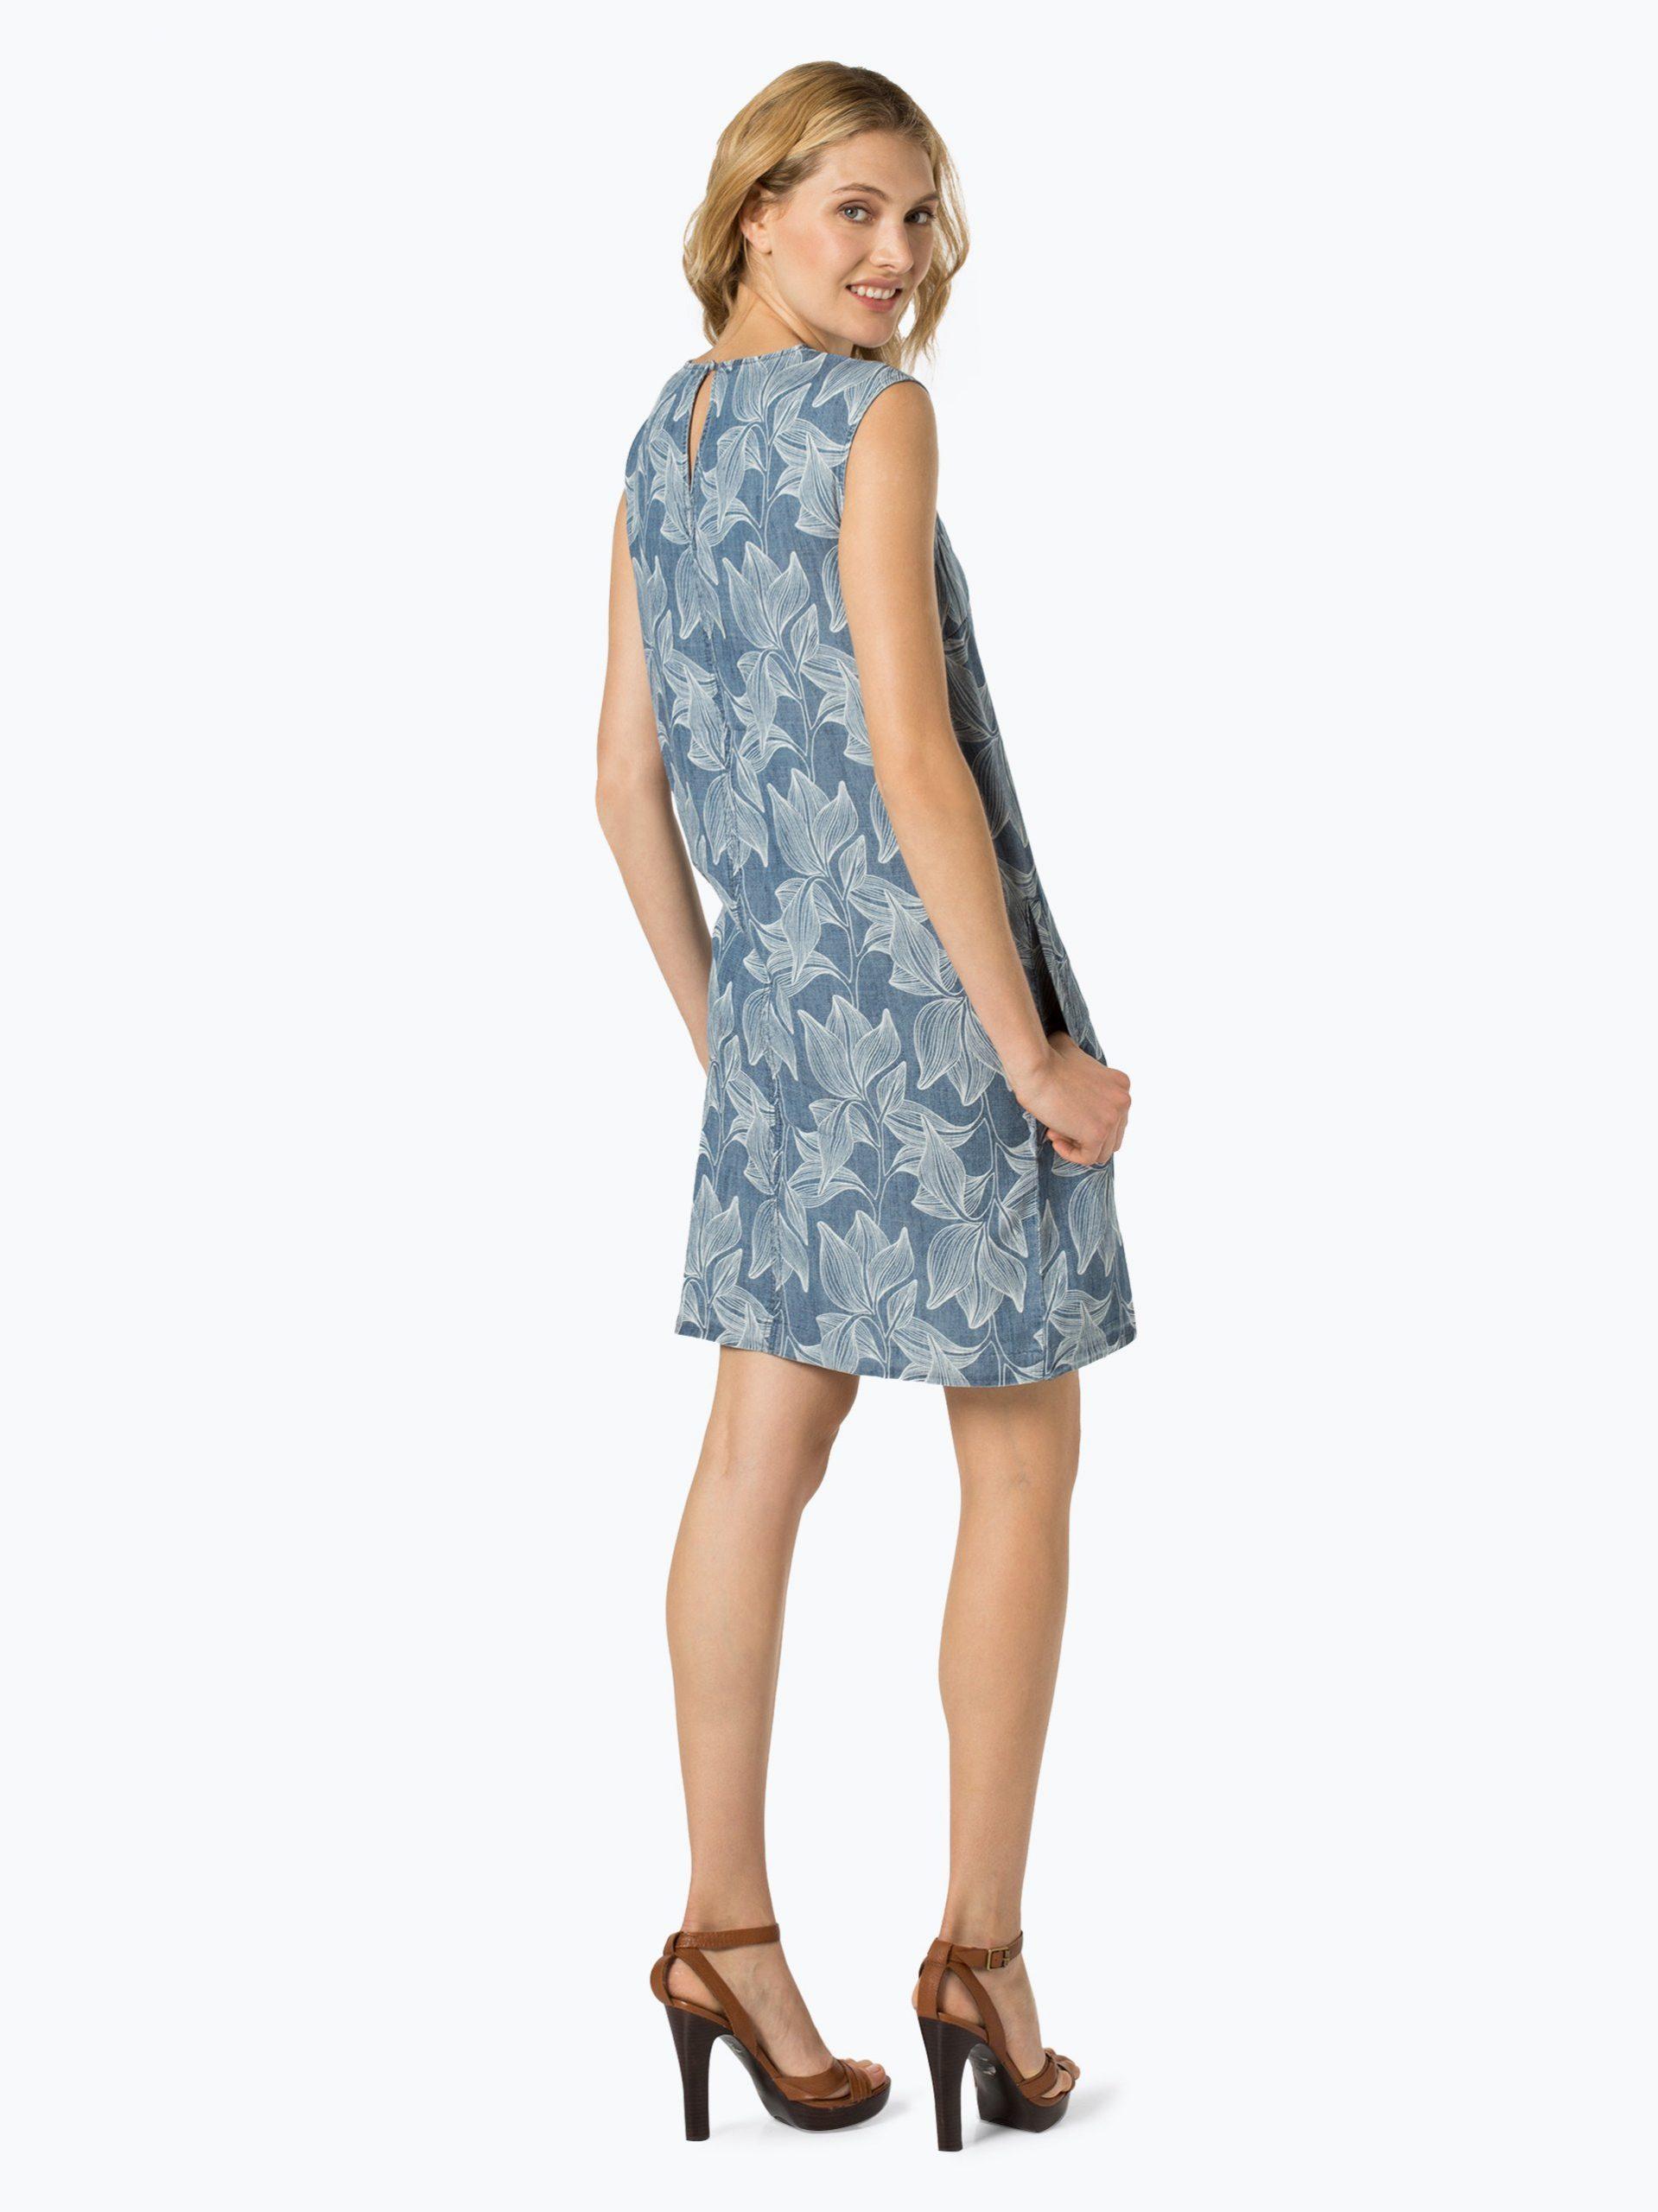 Soliver Casual Damen Kleid Mit Leinenanteil Online